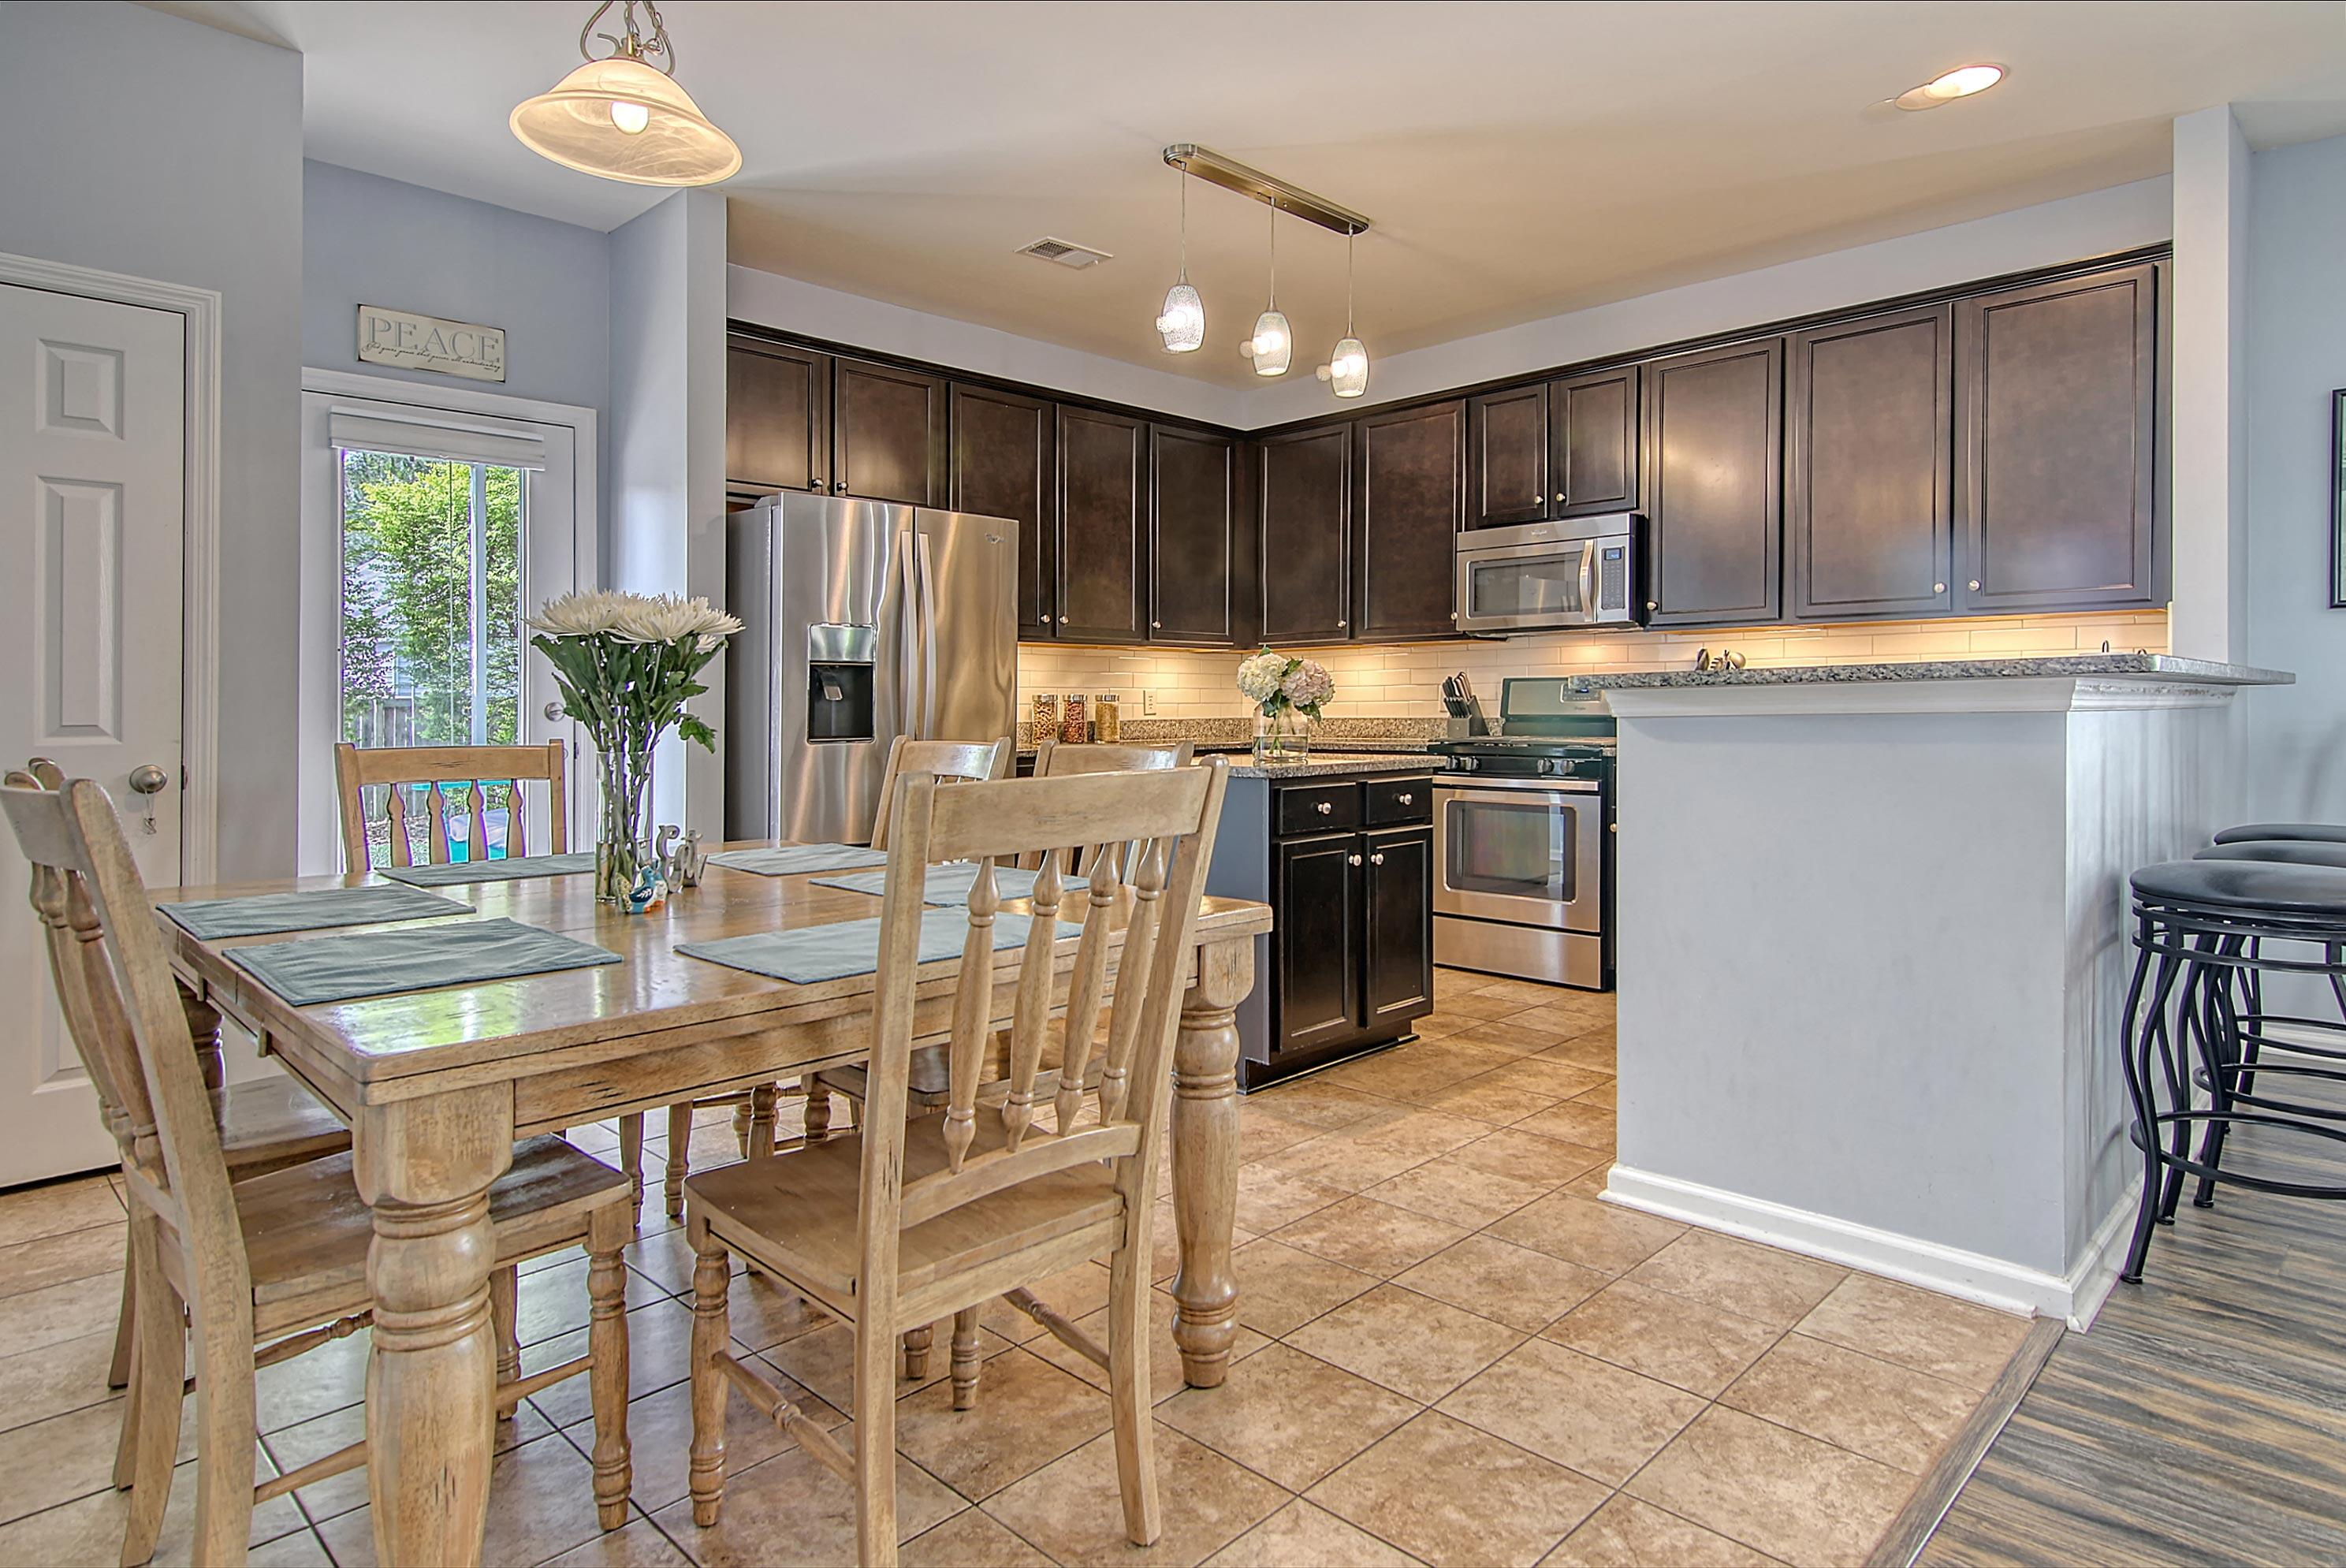 Lieben Park Homes For Sale - 3598 Franklin Tower, Mount Pleasant, SC - 15